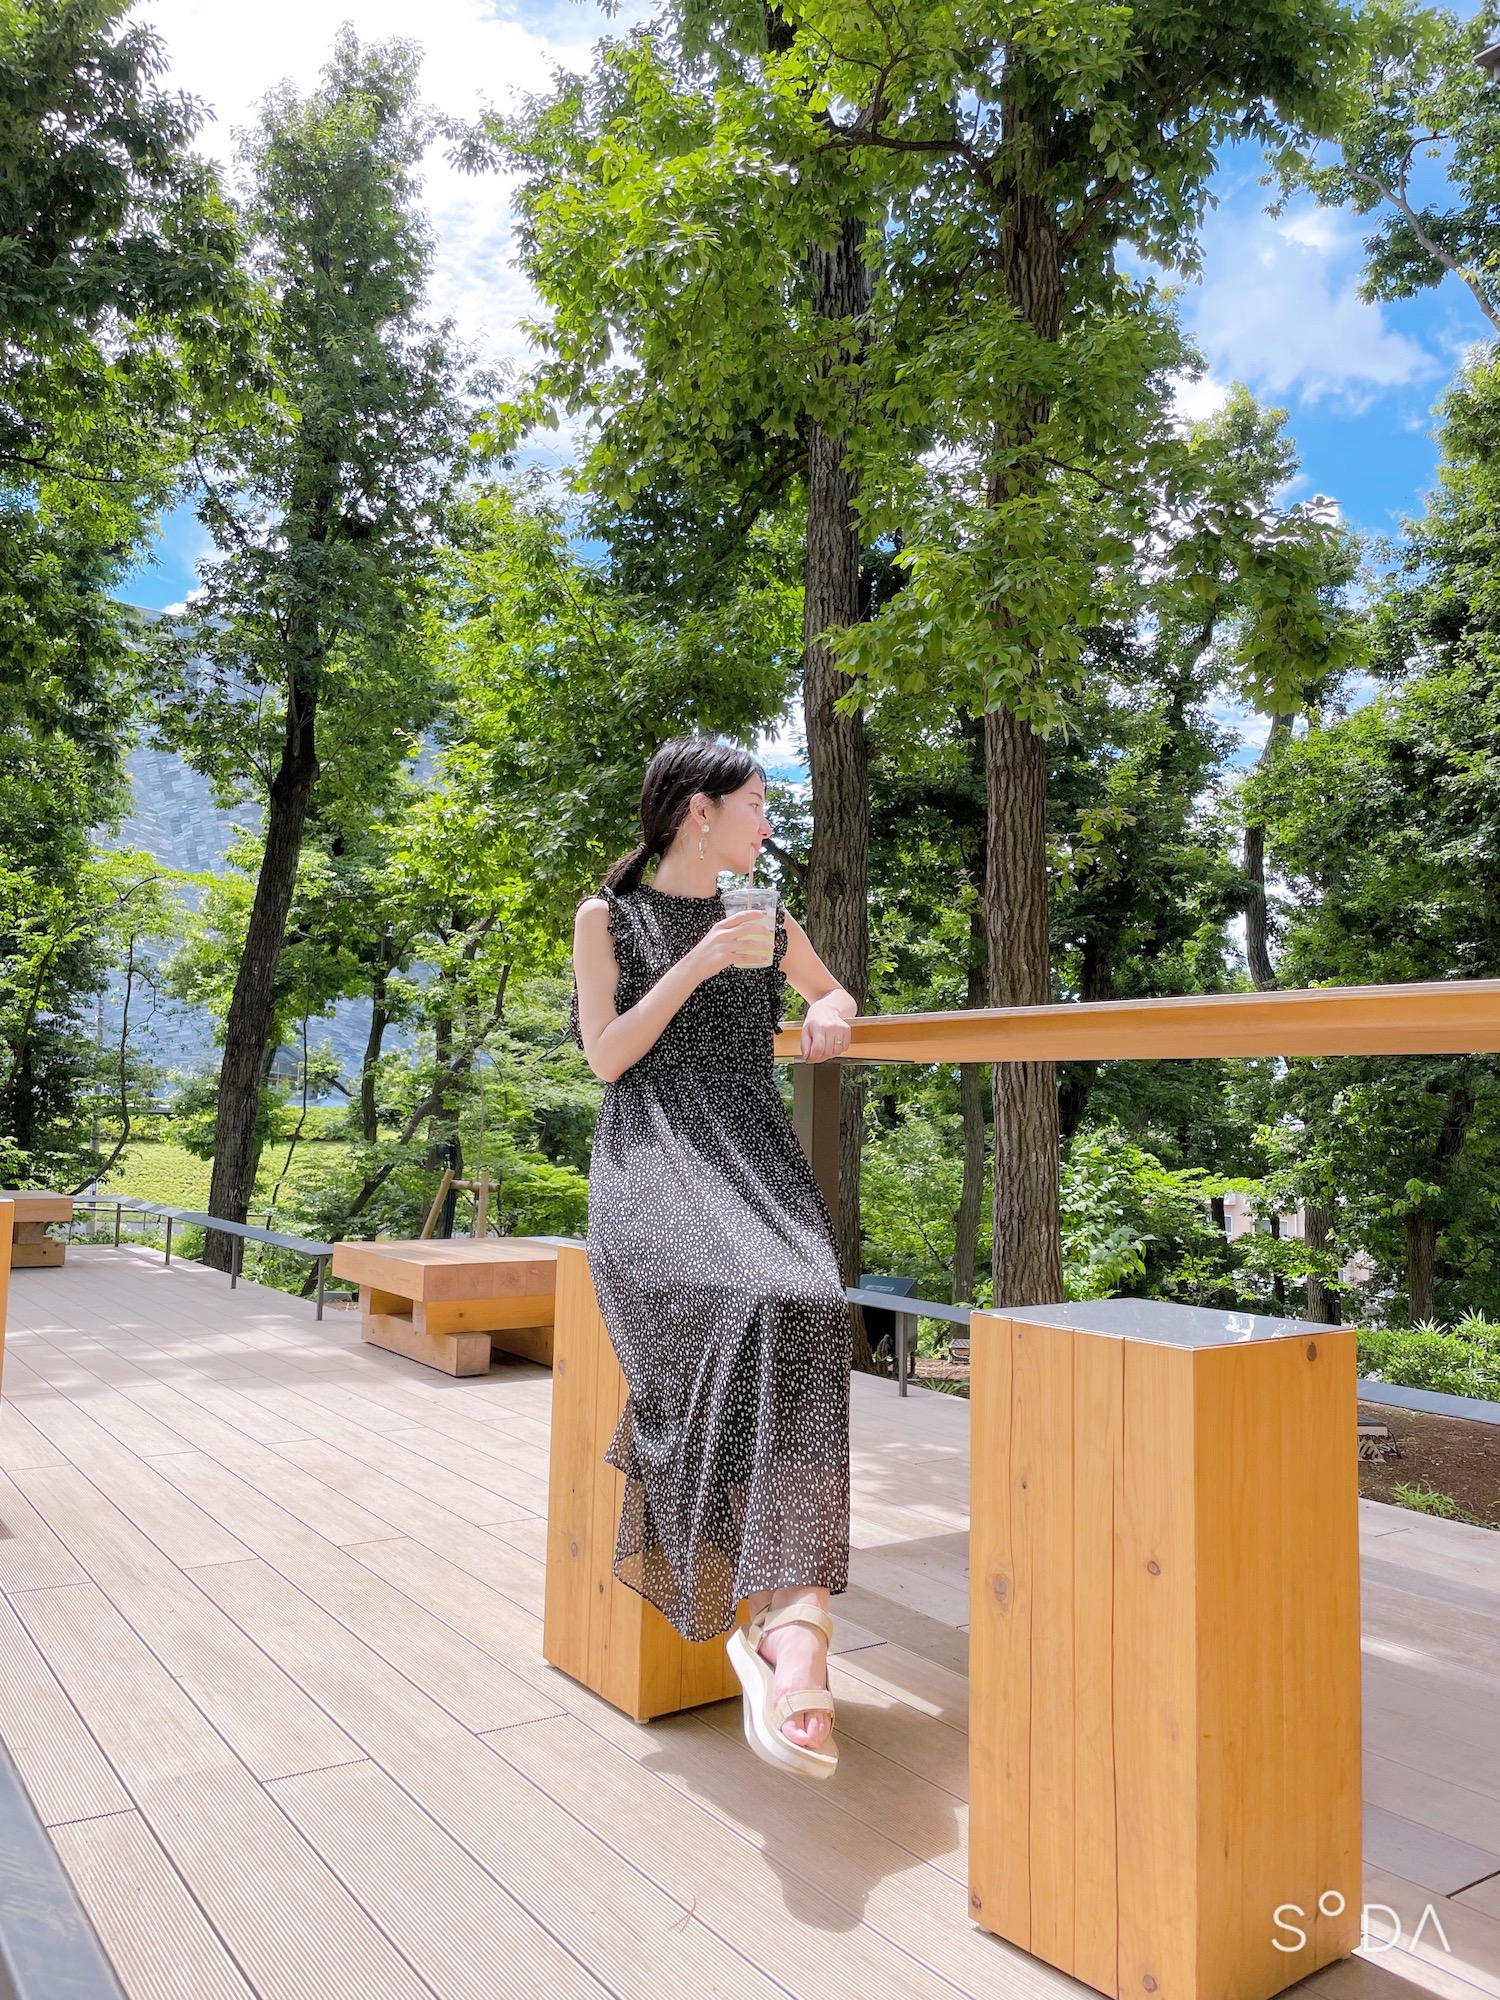 角川武蔵野ミュージアム周辺で、大人も楽しめる観光スポット周遊♪_8